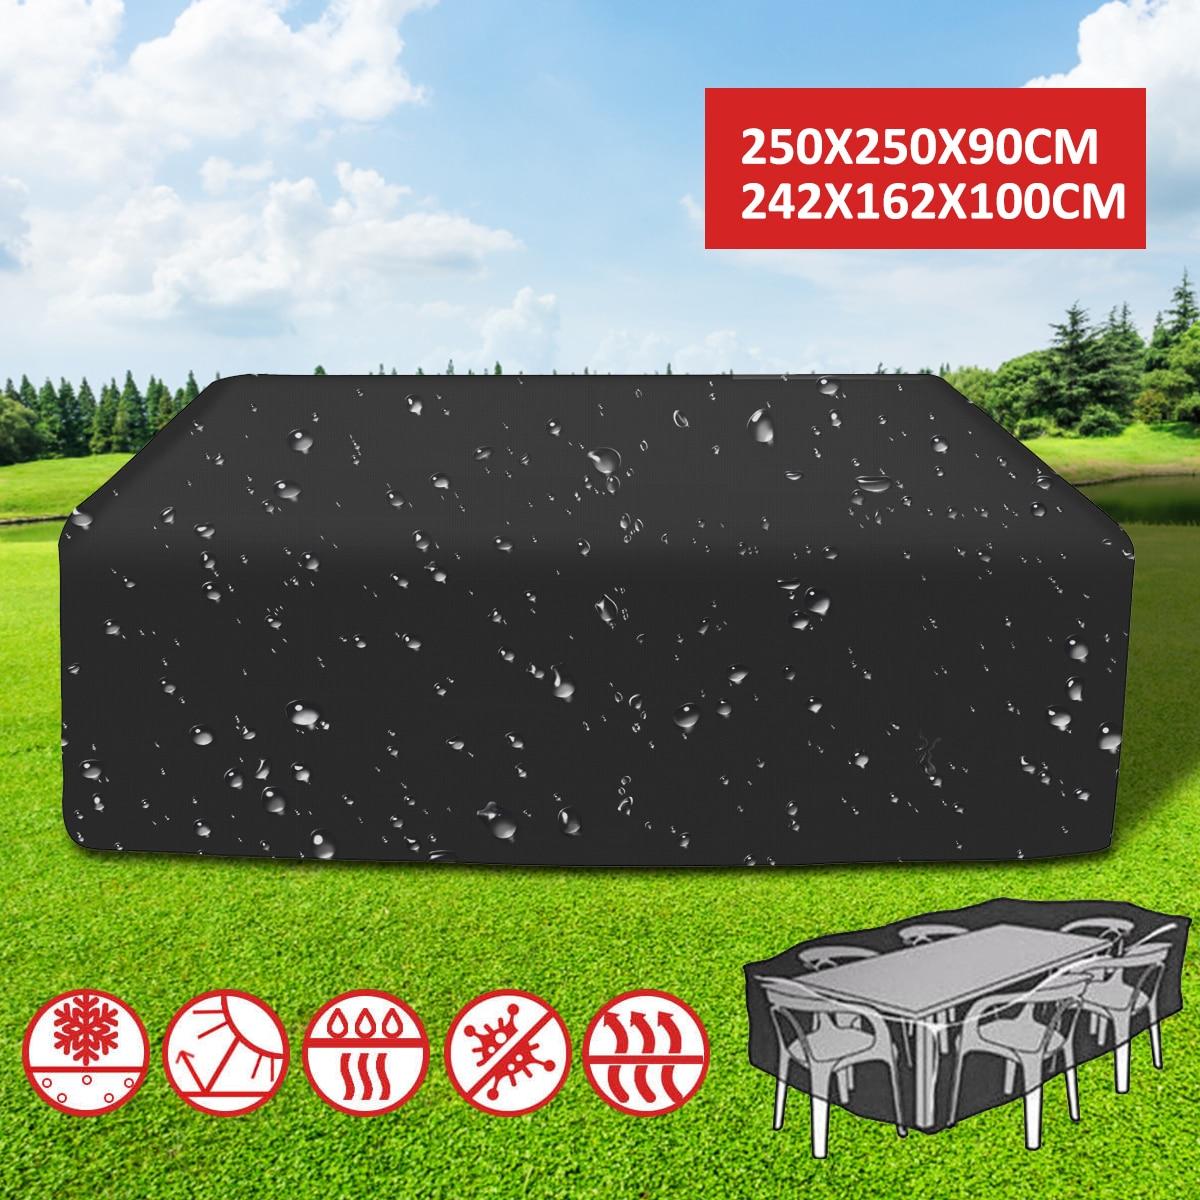 2 размера мебель крышка Патио Сад из ротанга от УФ-птица Водонепроницаемый мебель протектор Дождь Снег стул стол диван покрытие